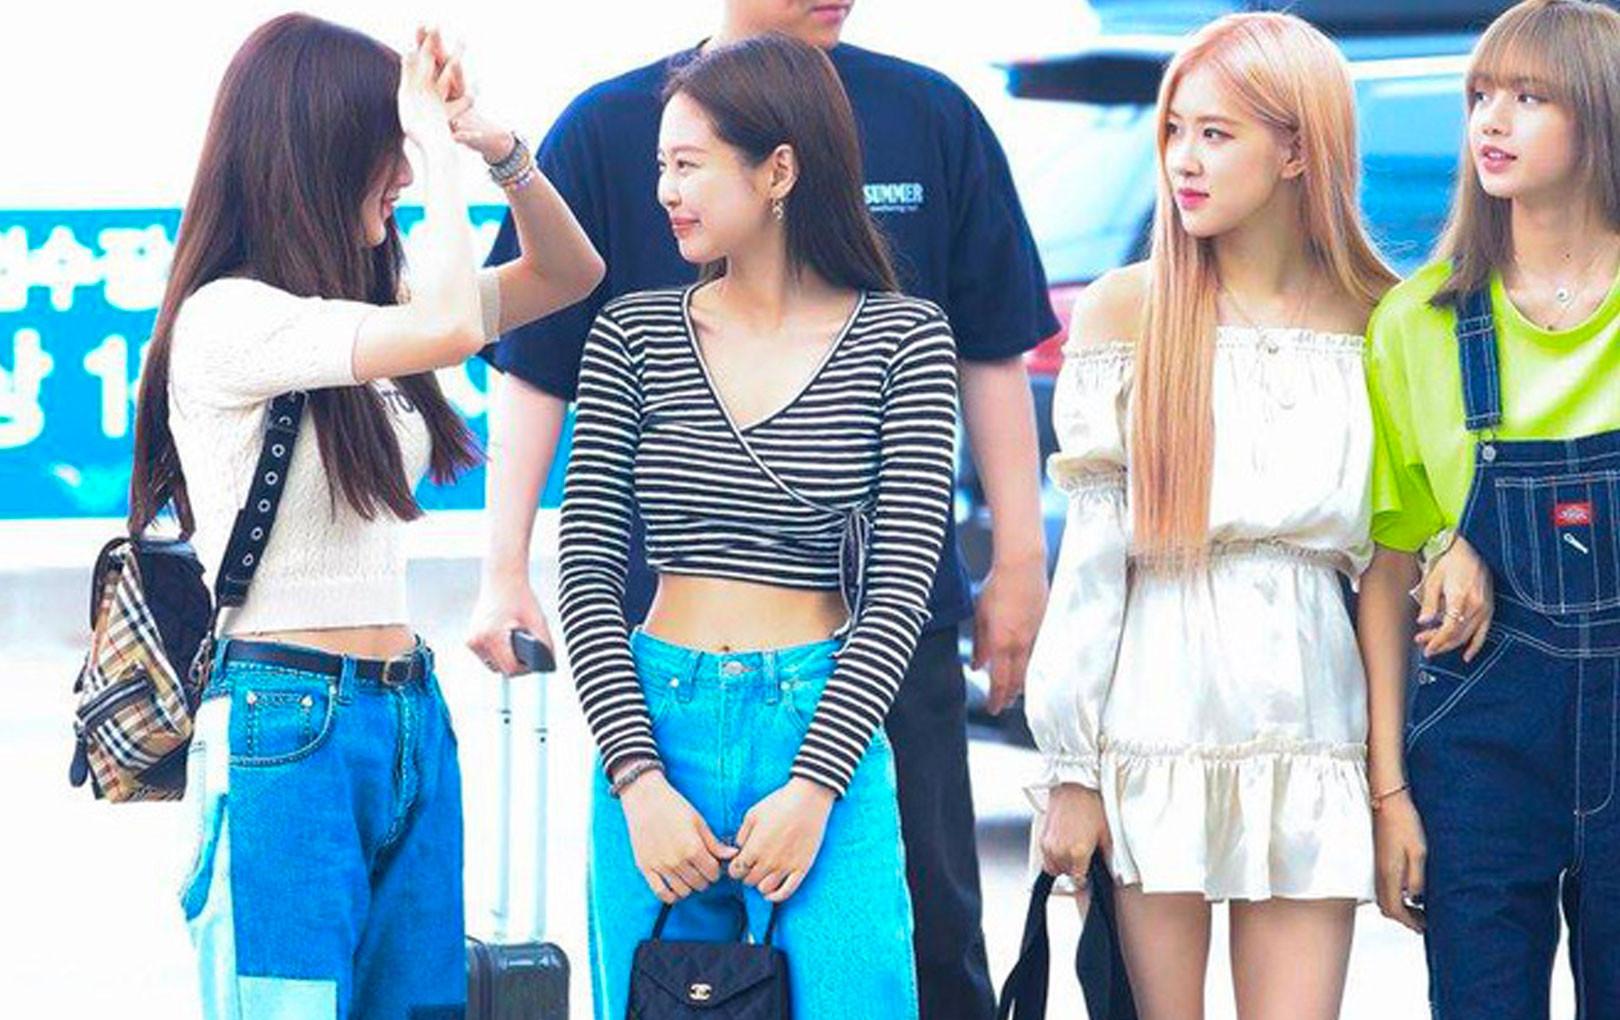 """Kpop có ngàn đóa hoa xinh đẹp mặc chất nhưng sao chỉ Black Pink mới có tài gây """"náo loạn"""" sân bay đến vậy?"""